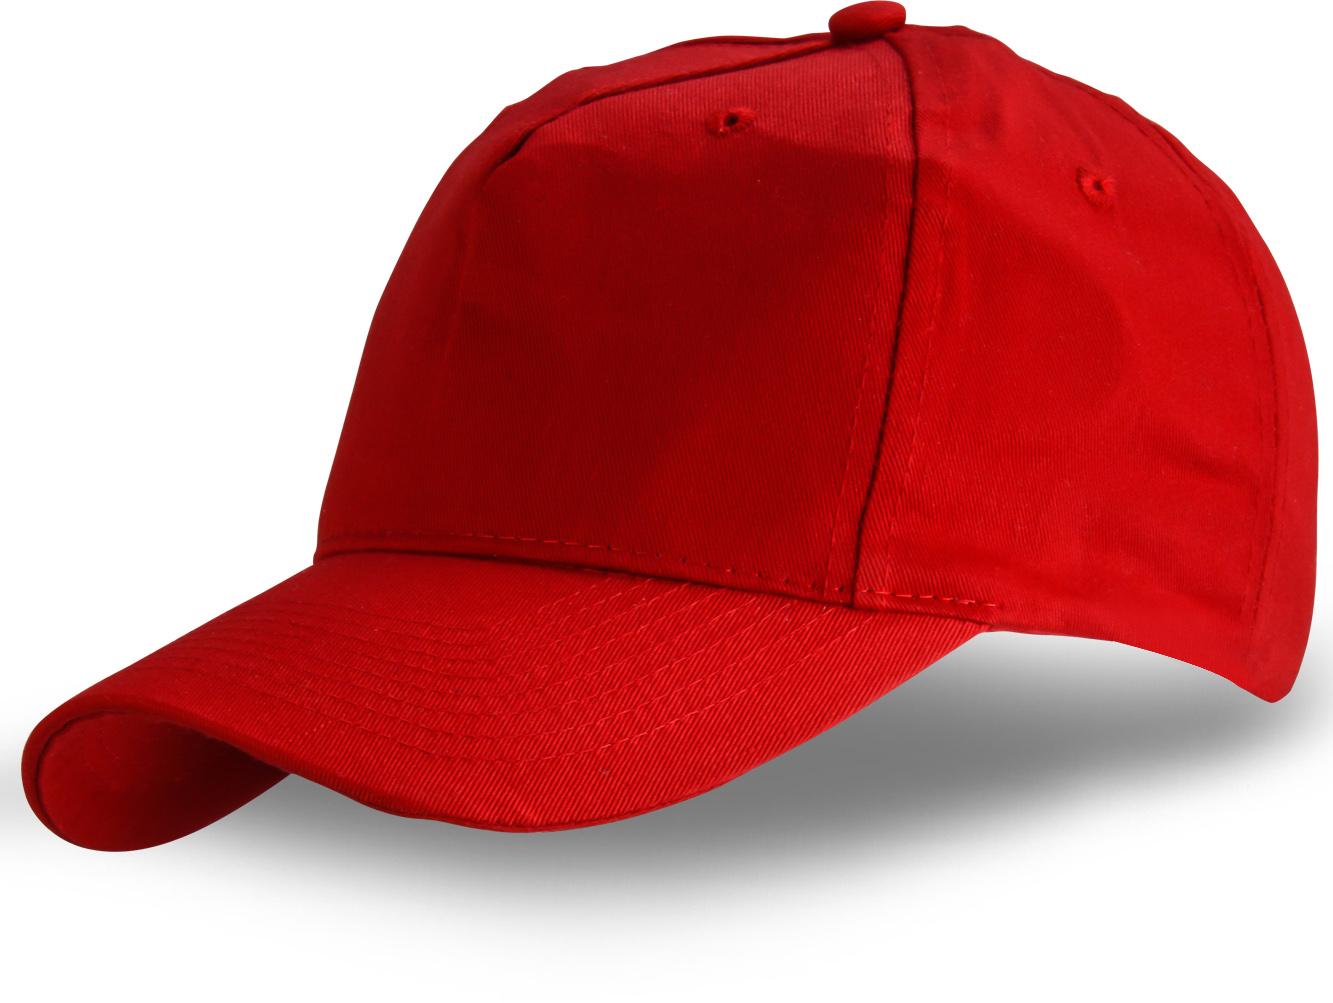 Красная бейсболка - купить в интернет-магазине с доставкой